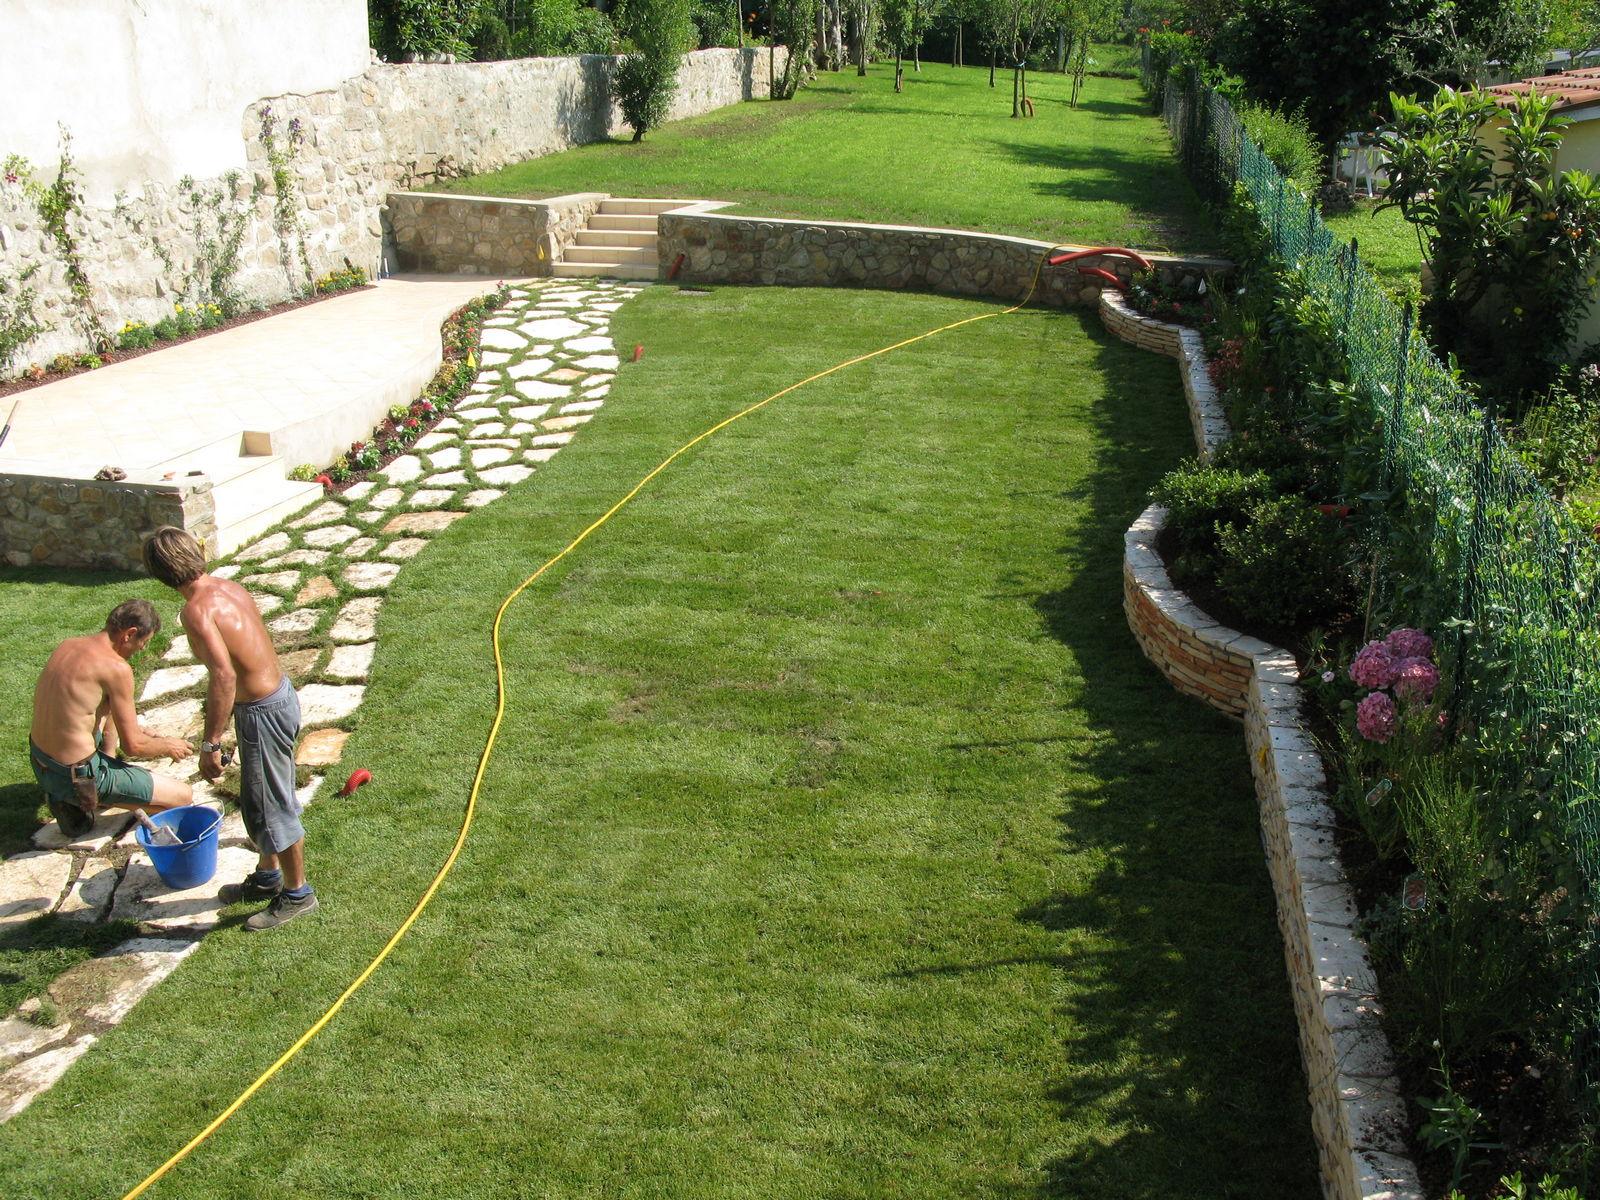 Manutenzioni ed opere varie - Acquisto terra per giardino ...